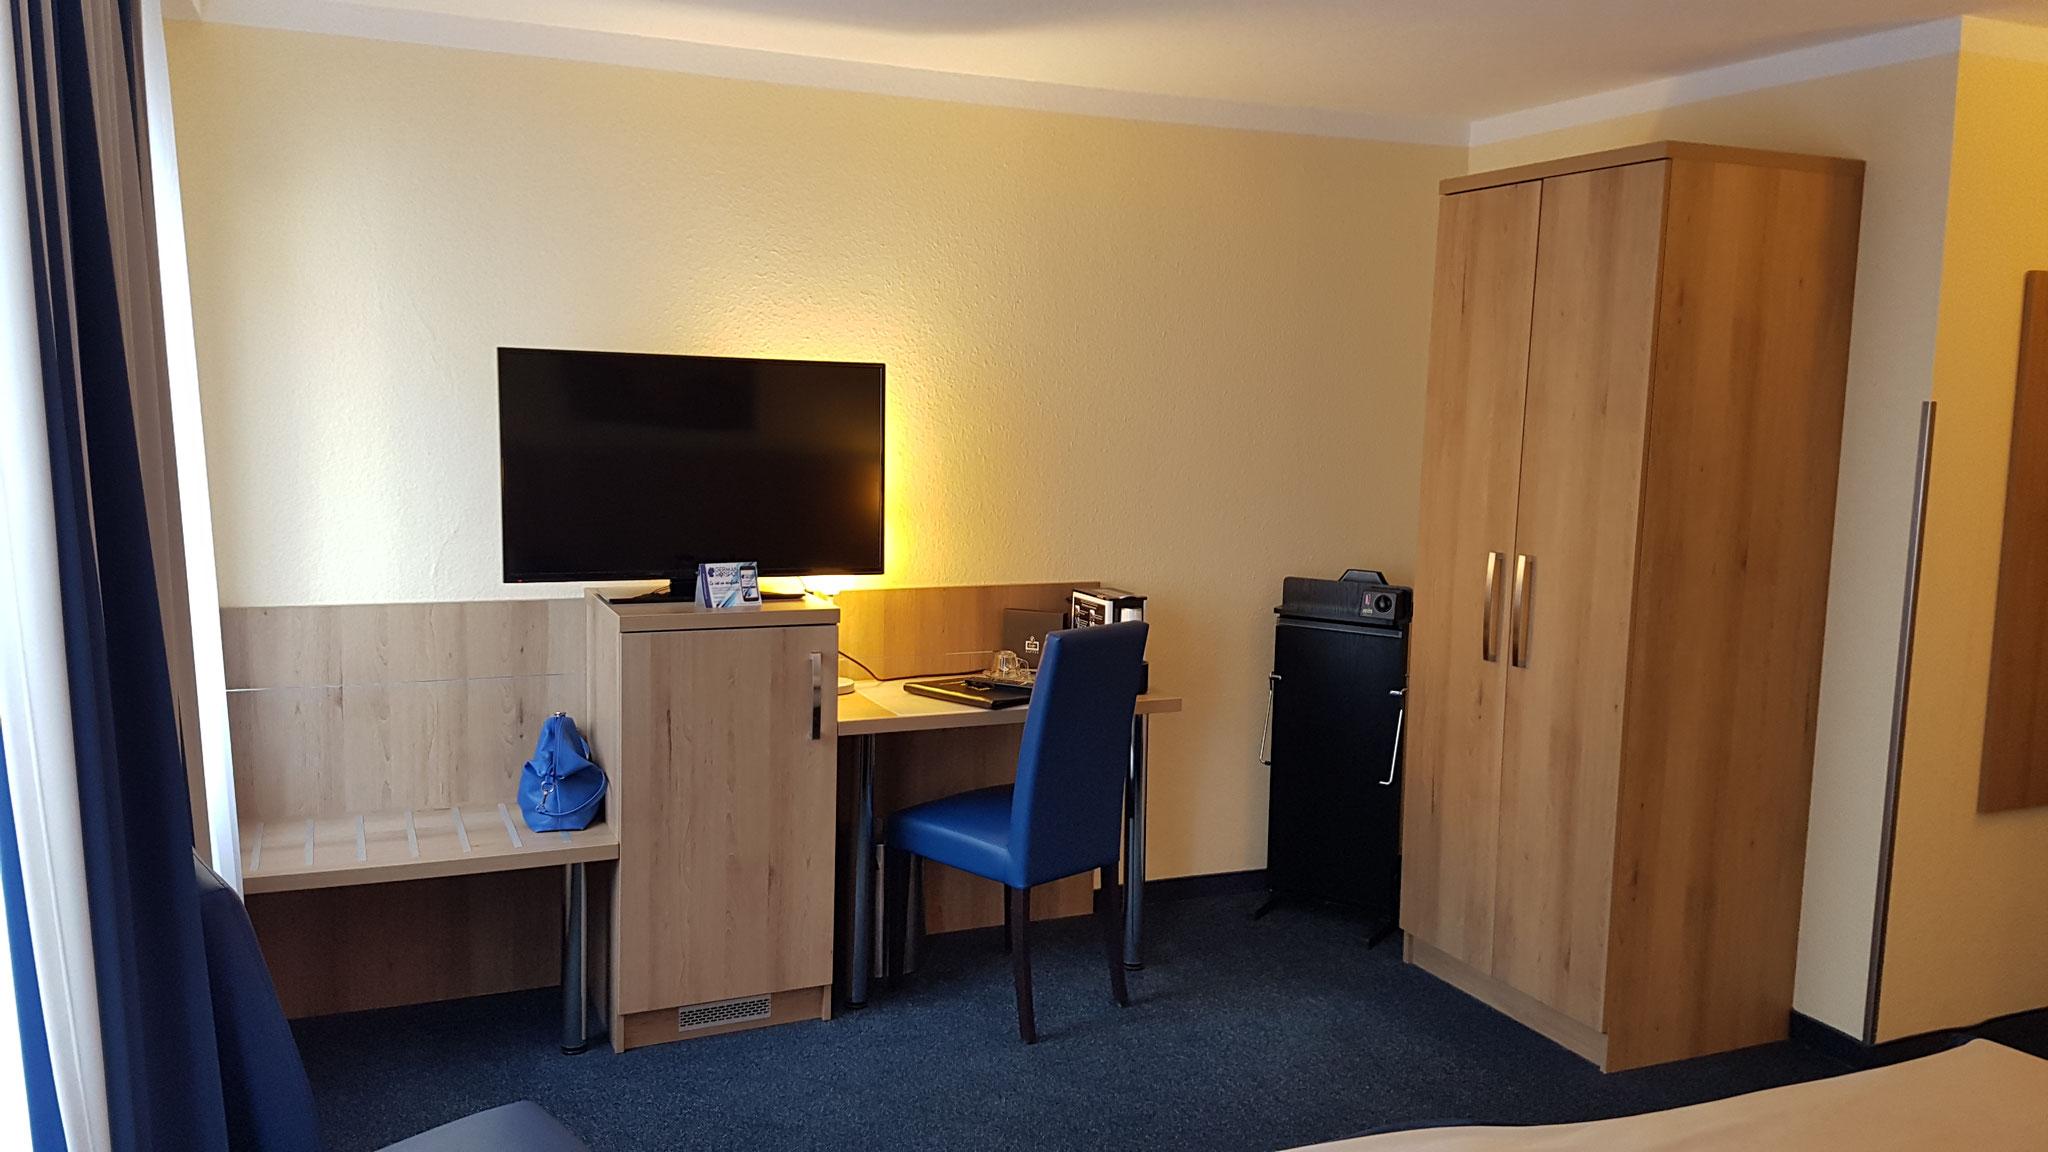 Fernseher, Schreibtisch, Kleiderschrank...alles da.